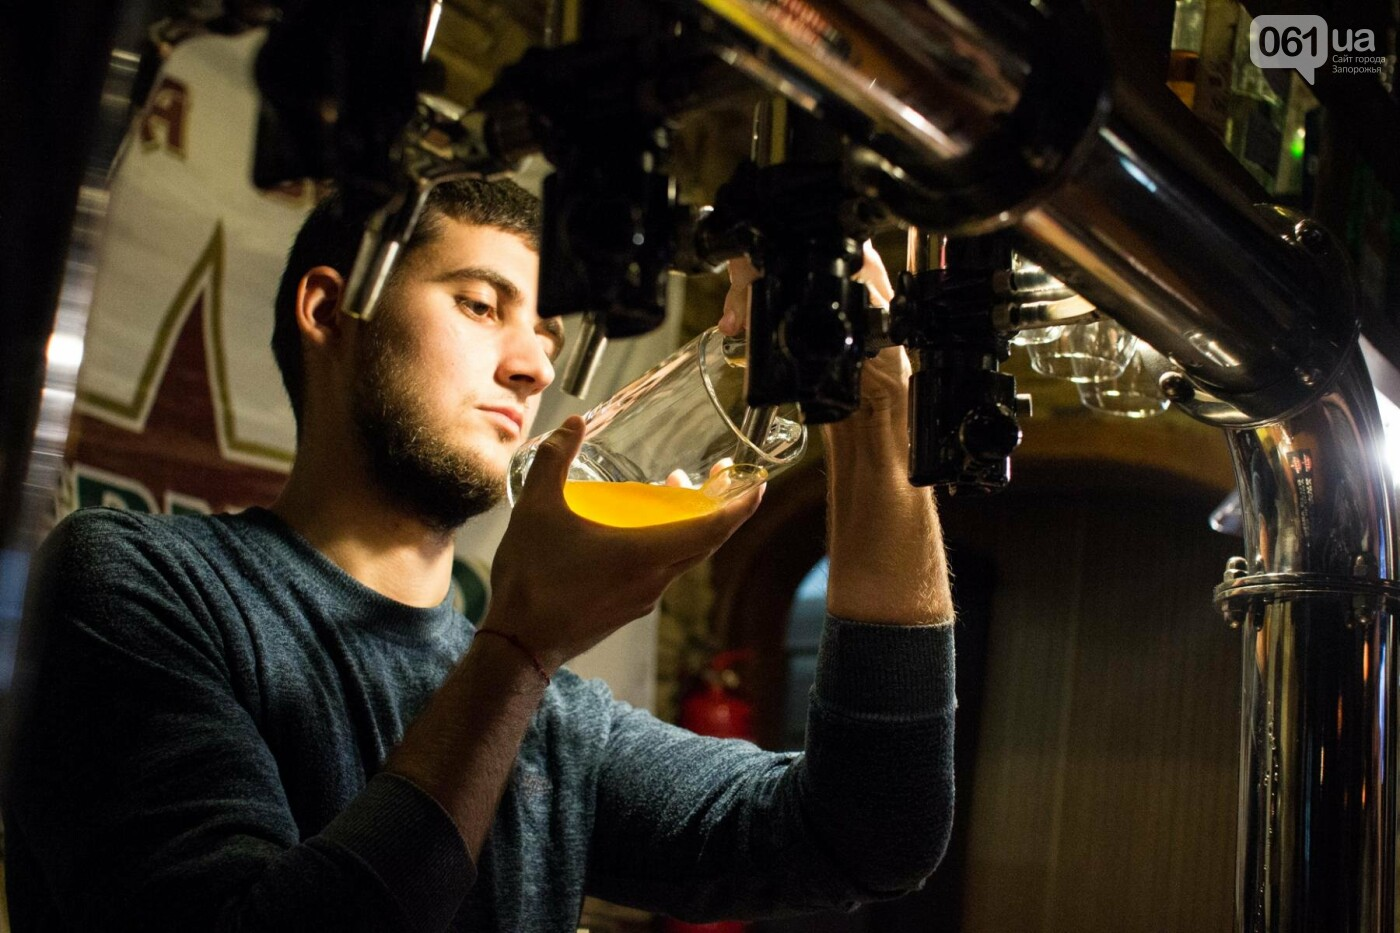 """""""Существует только два вида пива"""": история запорожца, который отказался от престижной должности ради работы пивоваром, фото-14"""